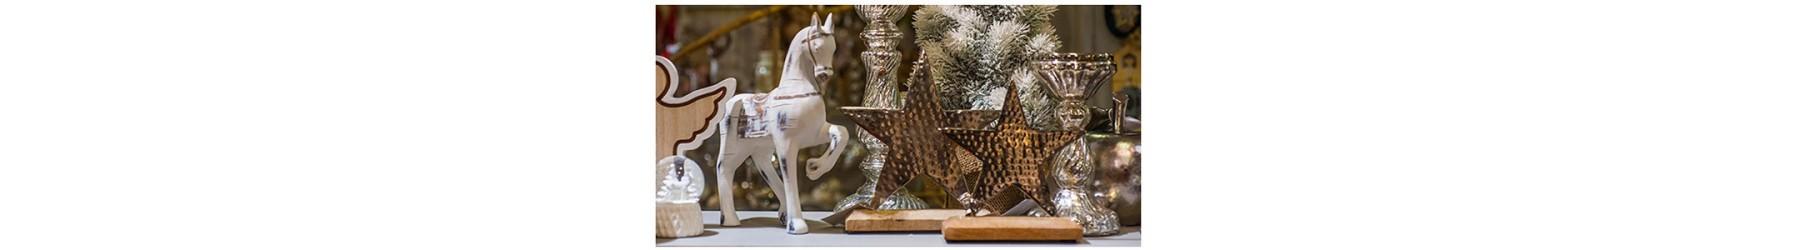 Χριστουγεννιάτικα επιτραπέζια διακοσμητικά